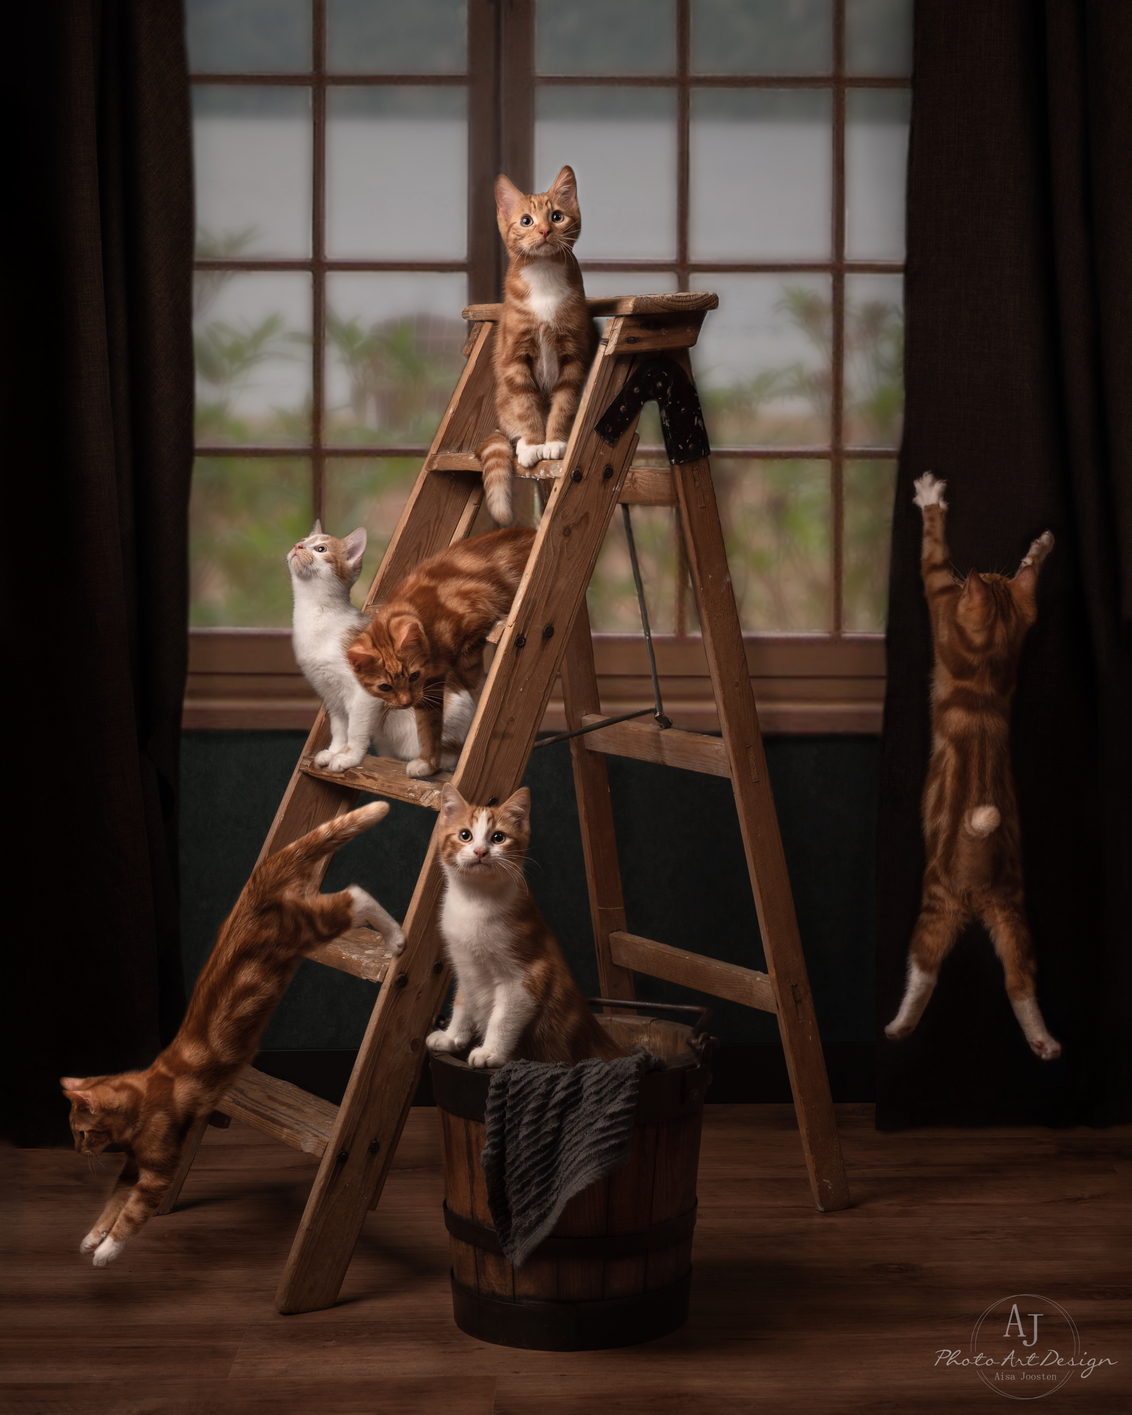 Een katten huishouden - Weet jij wat jouw huisdieren doen, als je niet thuis bent?   Mijn huisdieren hebben soms hele avonturen in de woonkamer met soms een kleine verbouw - foto door AJ-fotografie op 13-01-2021 - deze foto bevat: kitten, dieren, huisdier, kat, nikon, photoshop, flitslicht, studiofotografie, fineart, Godox, fineartfotografie